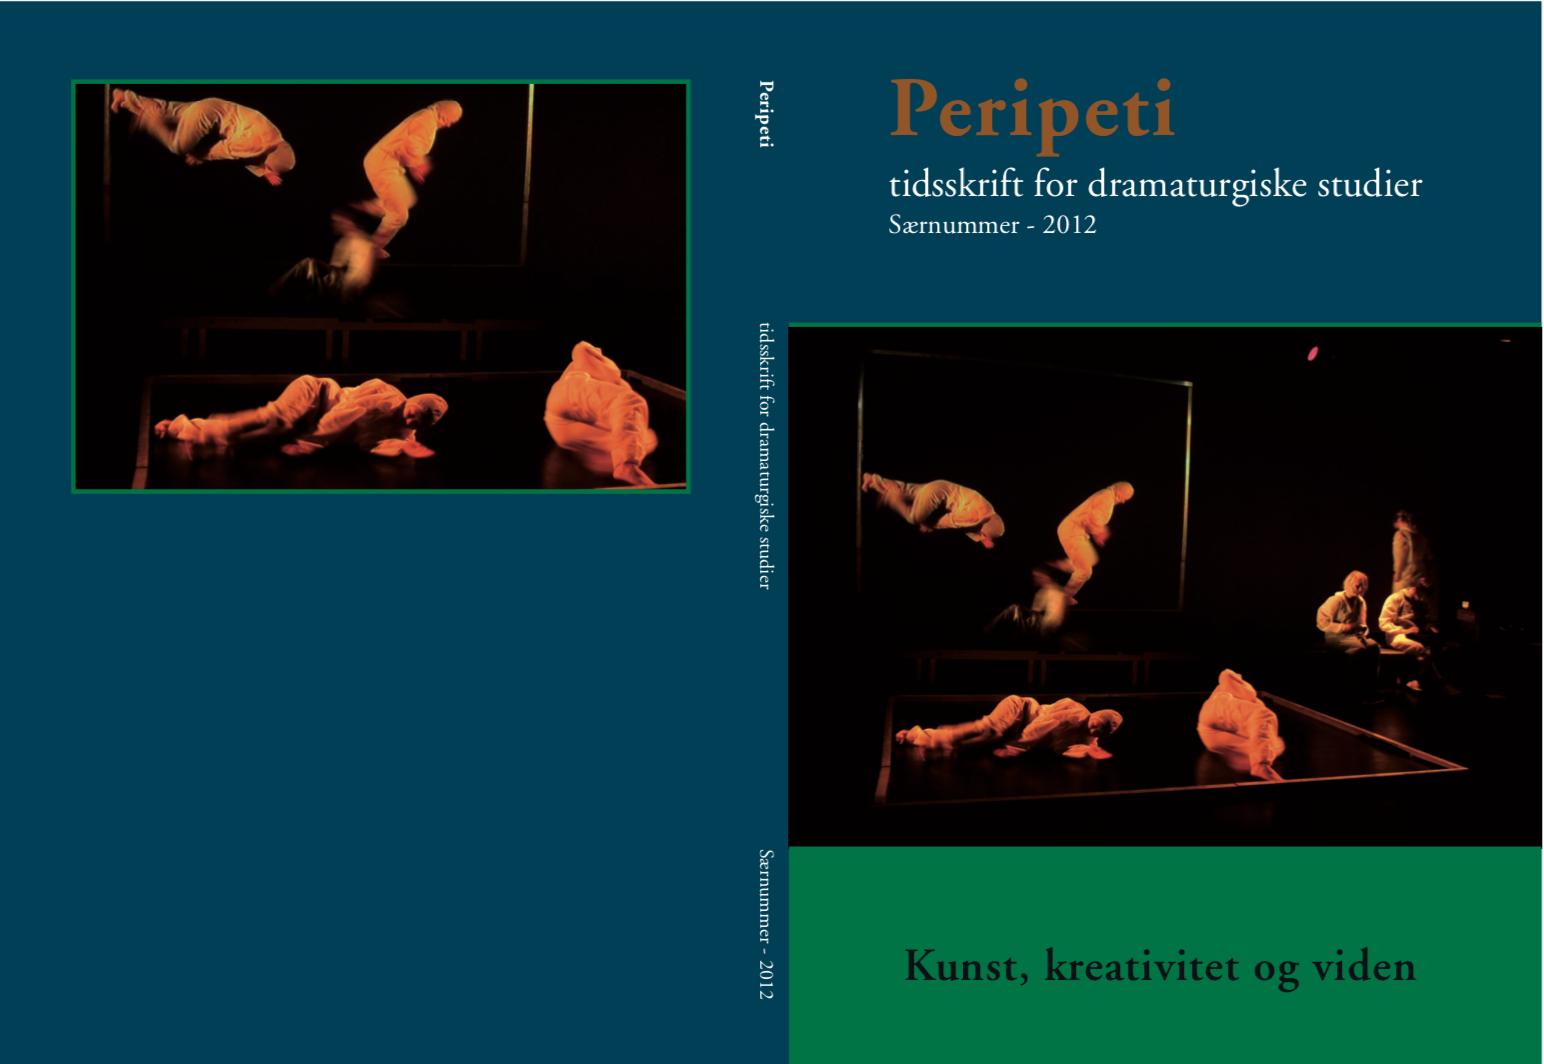 Se Årg. 9 Nr. 17.5 (2012): Kunst, kreativitet og viden